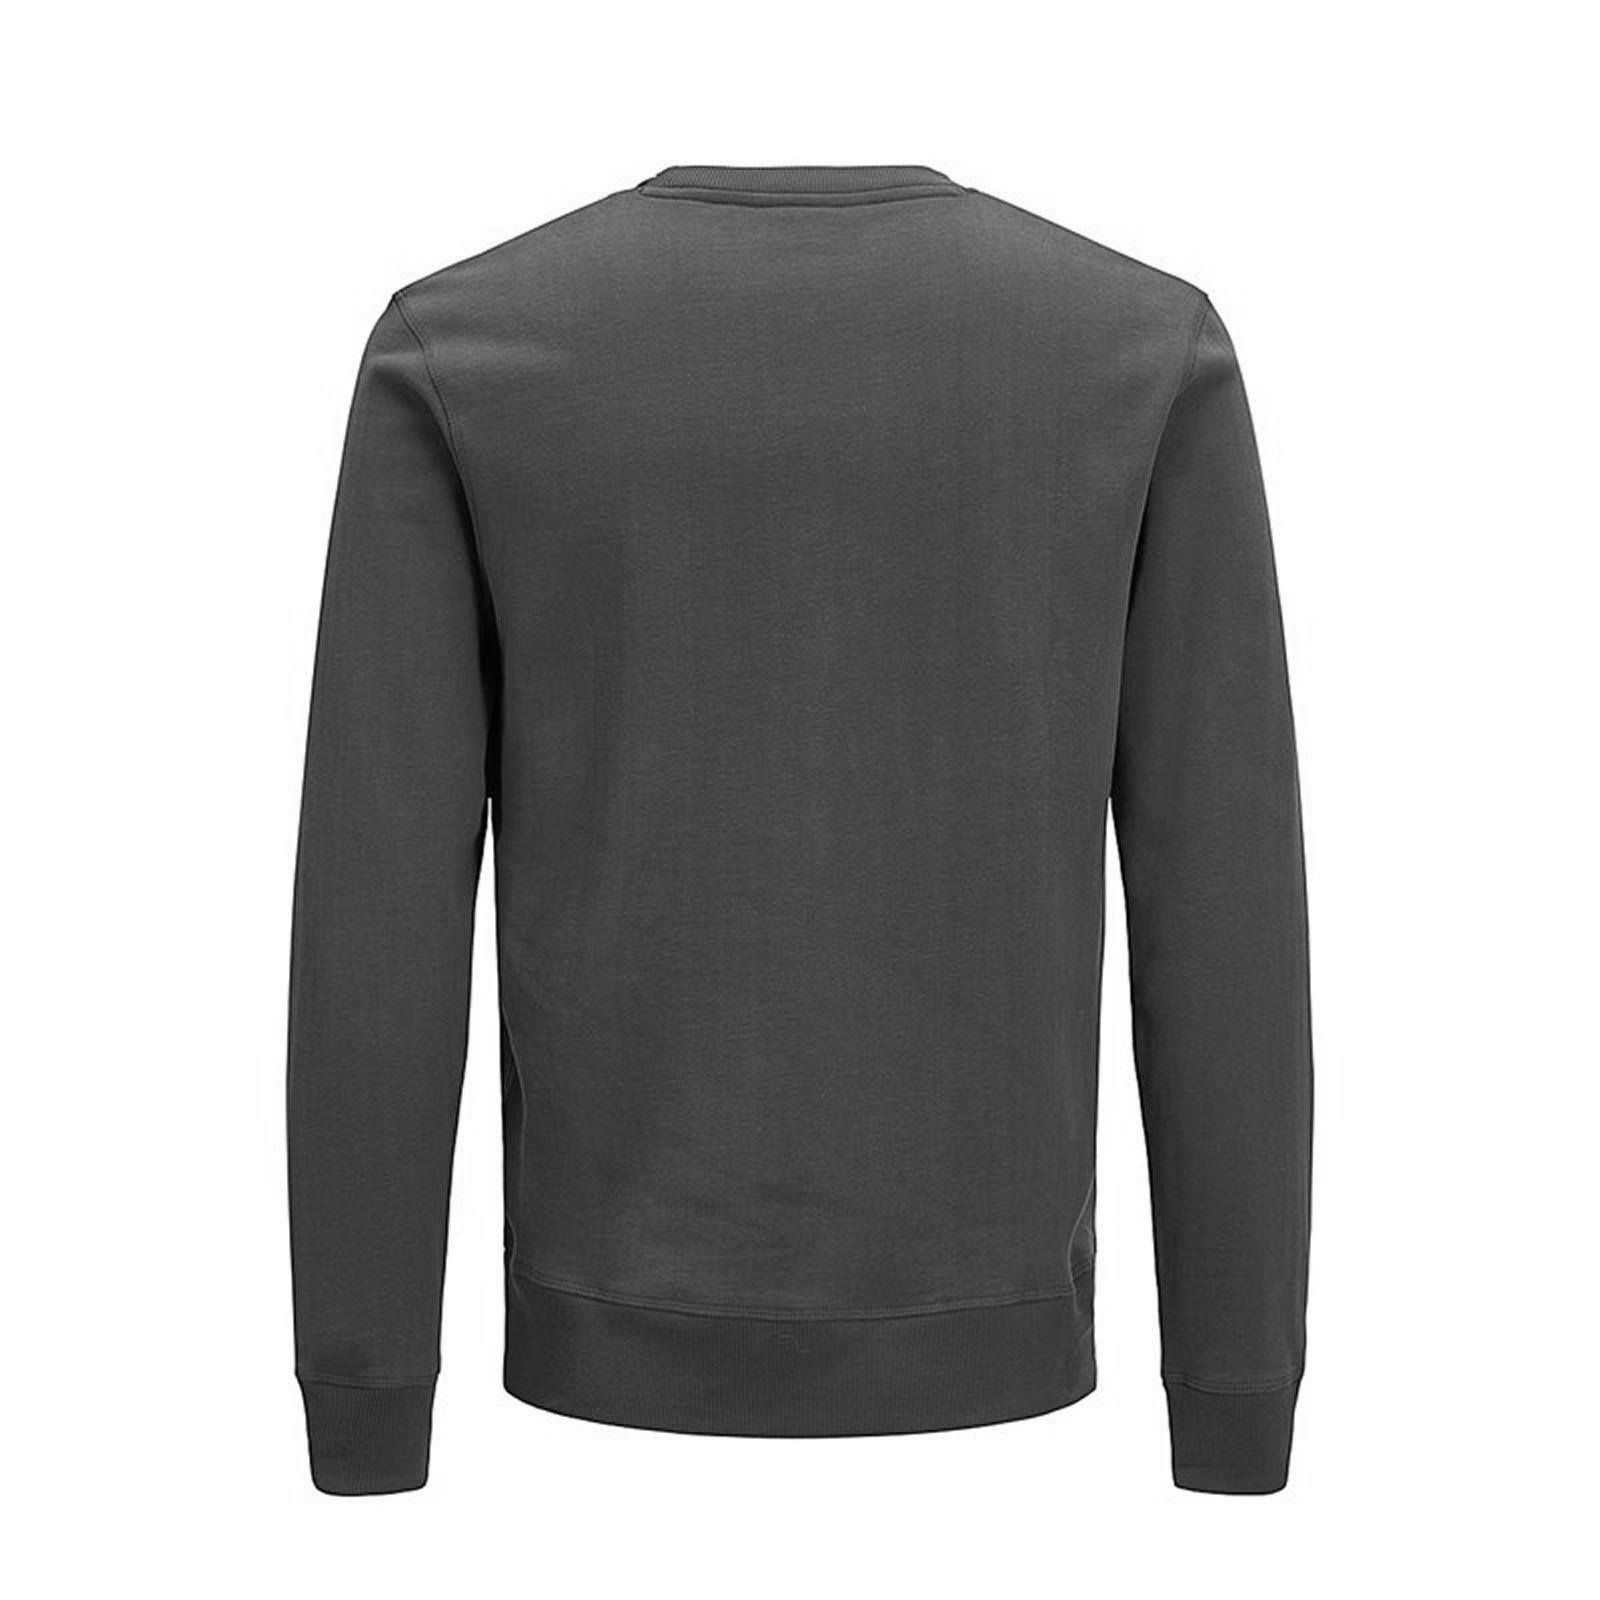 JACK /& JONES Men's Crew Neck Plain Sweatshirt Pete Urban Casual Sweat Top Jumper